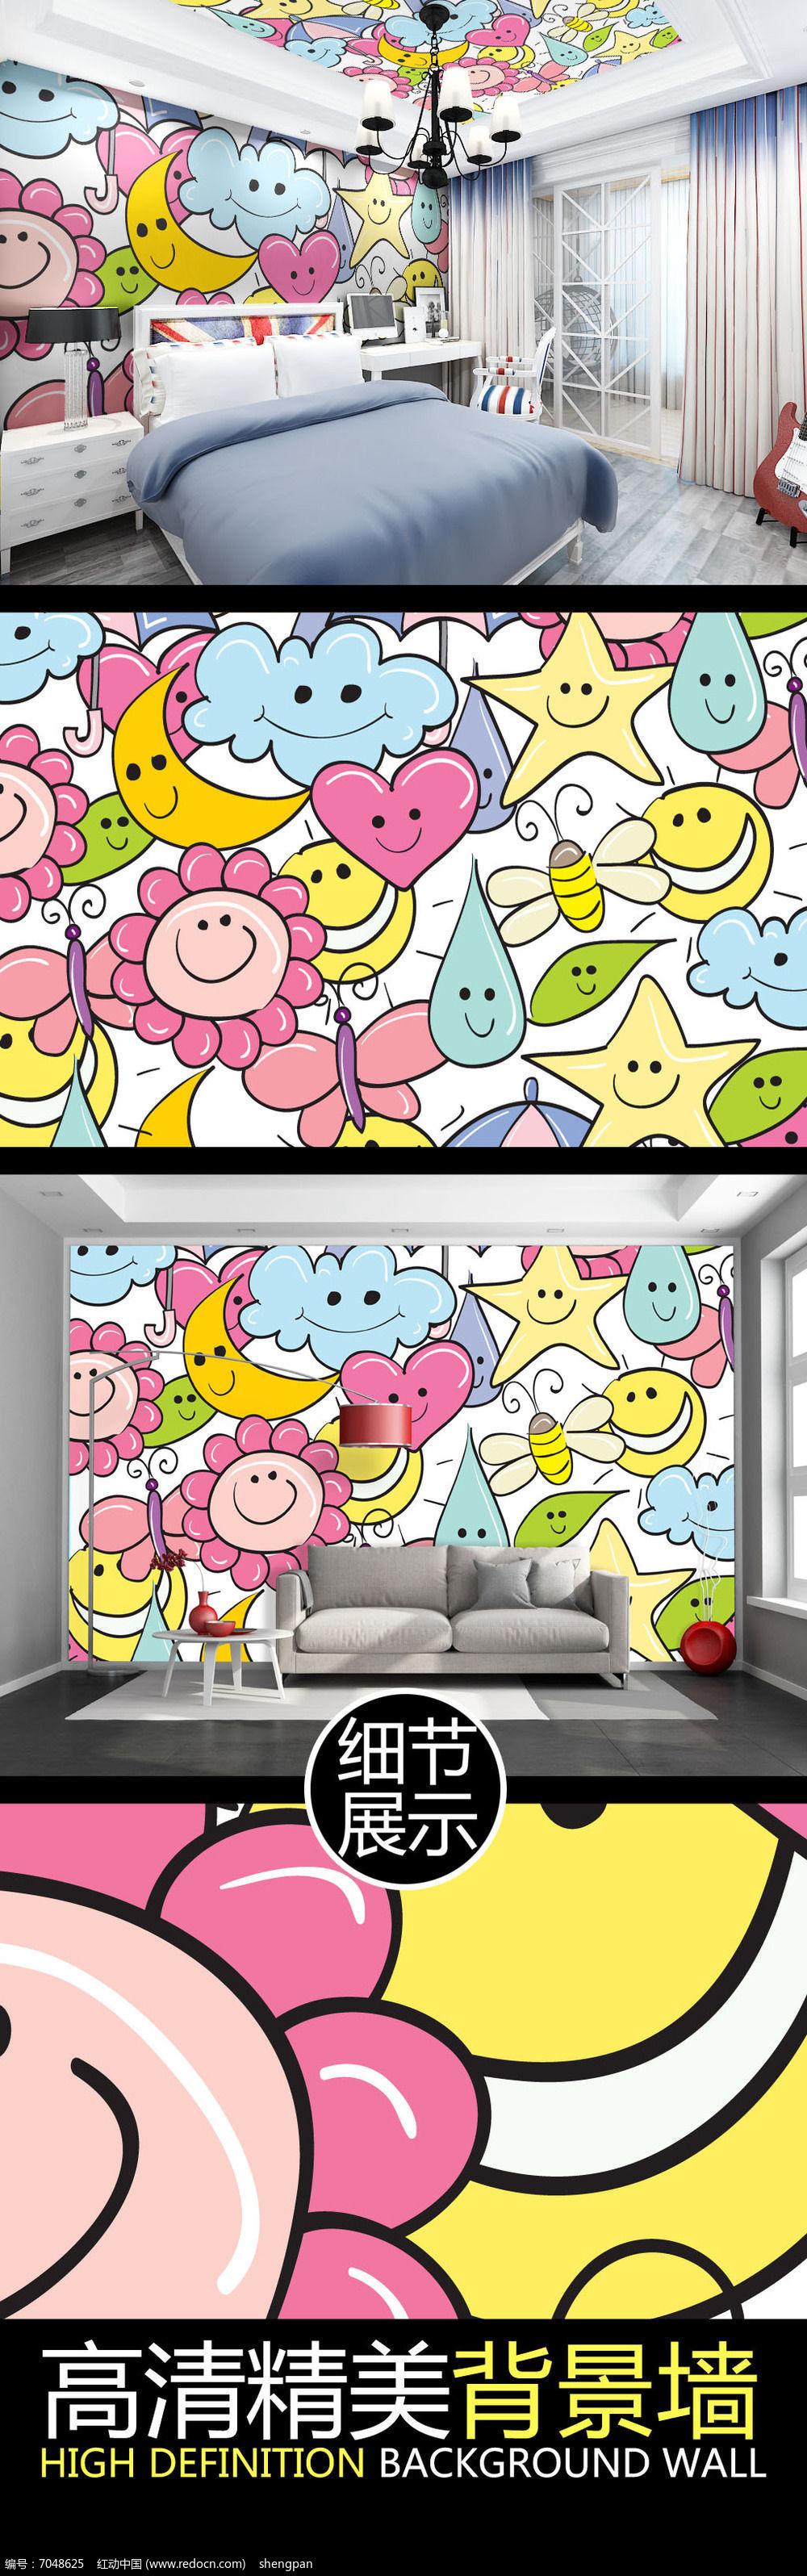 手绘卡通笑脸儿童房背景墙设计